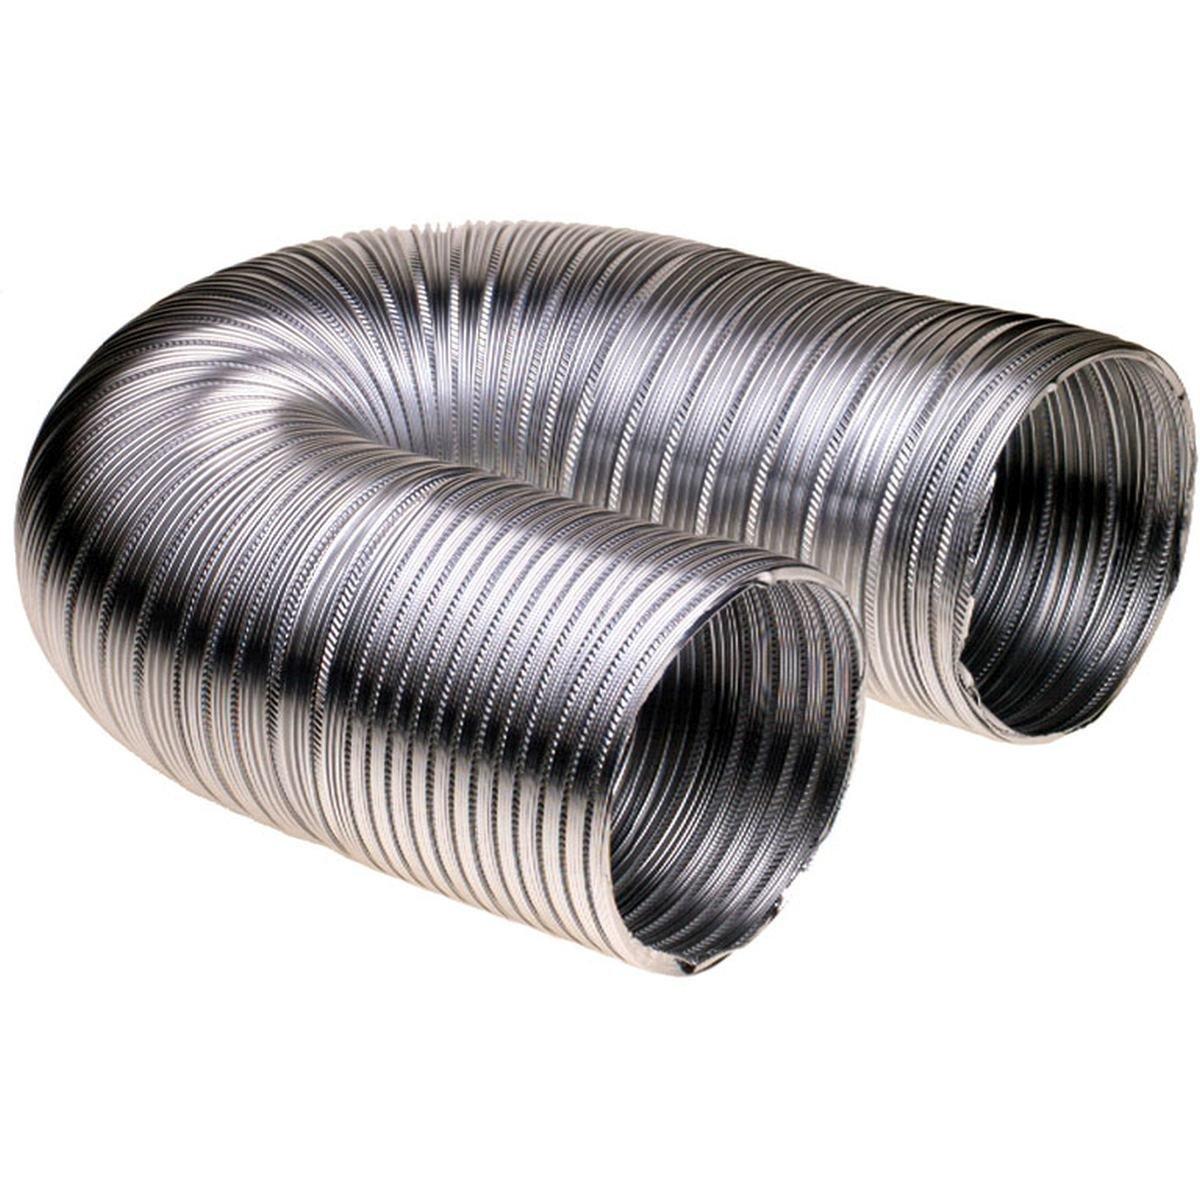 Aftræksslange i aluminium Ø127 mm. 3,0 meter